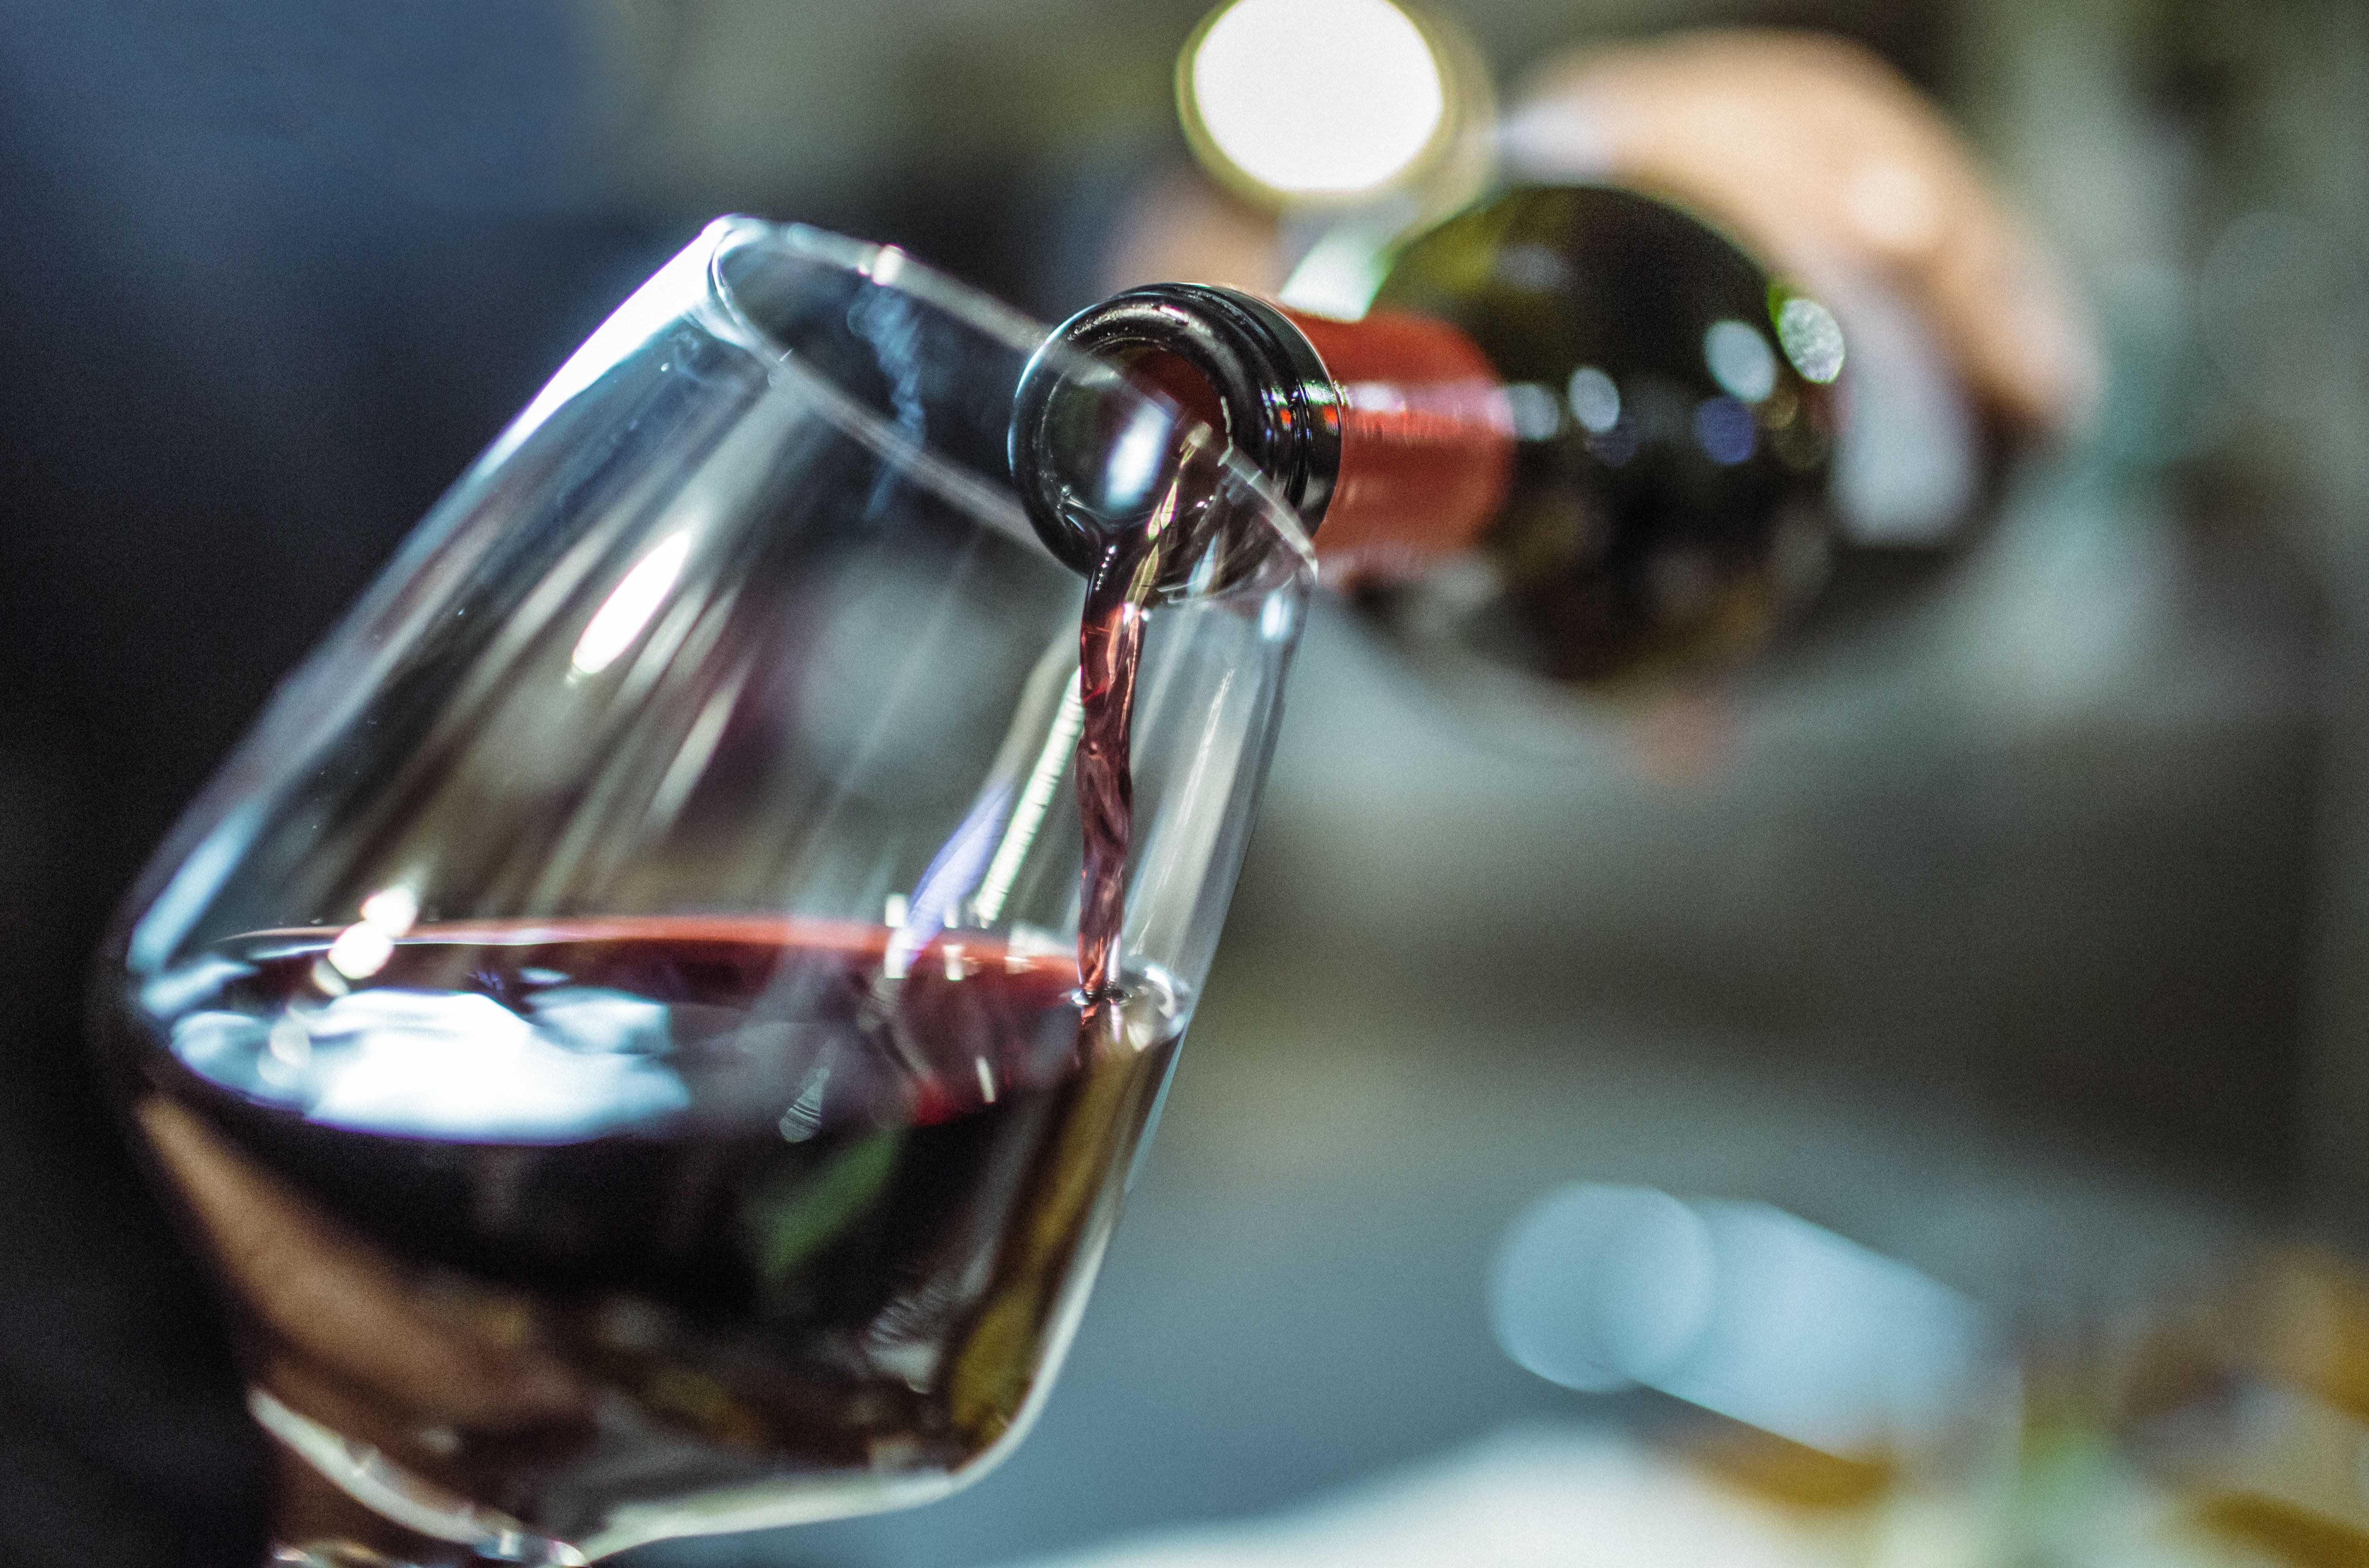 Frankfurt: Mann trinkt zwei Flaschen Wein vor Flug und ahnt nicht, was er damit auslöst